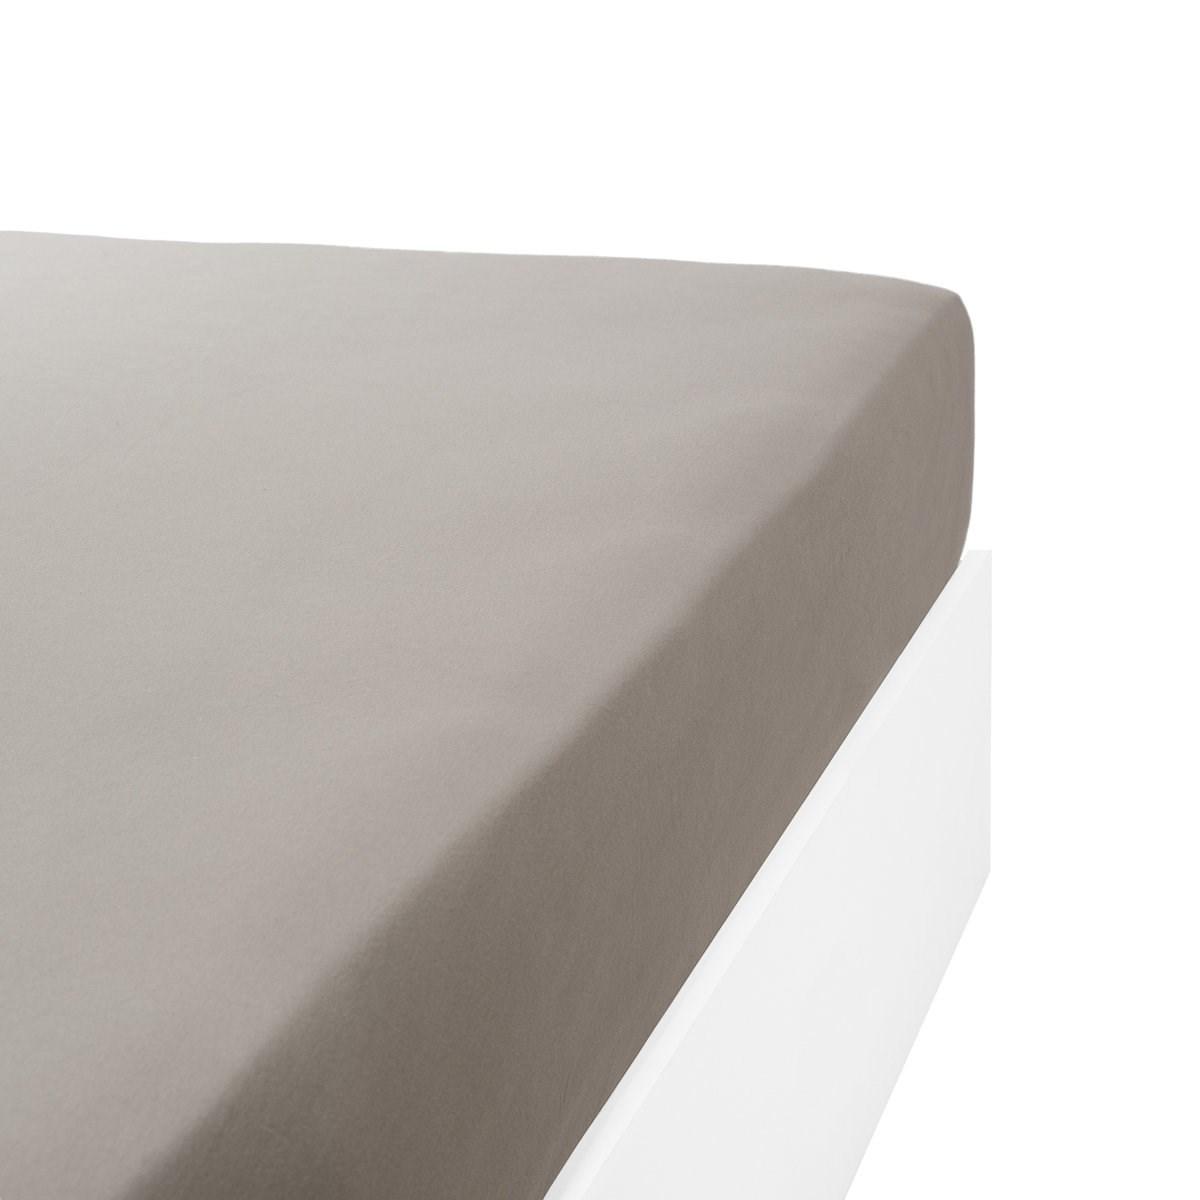 Drap housse jersey extensible lit double en coton gris 70x190 cm